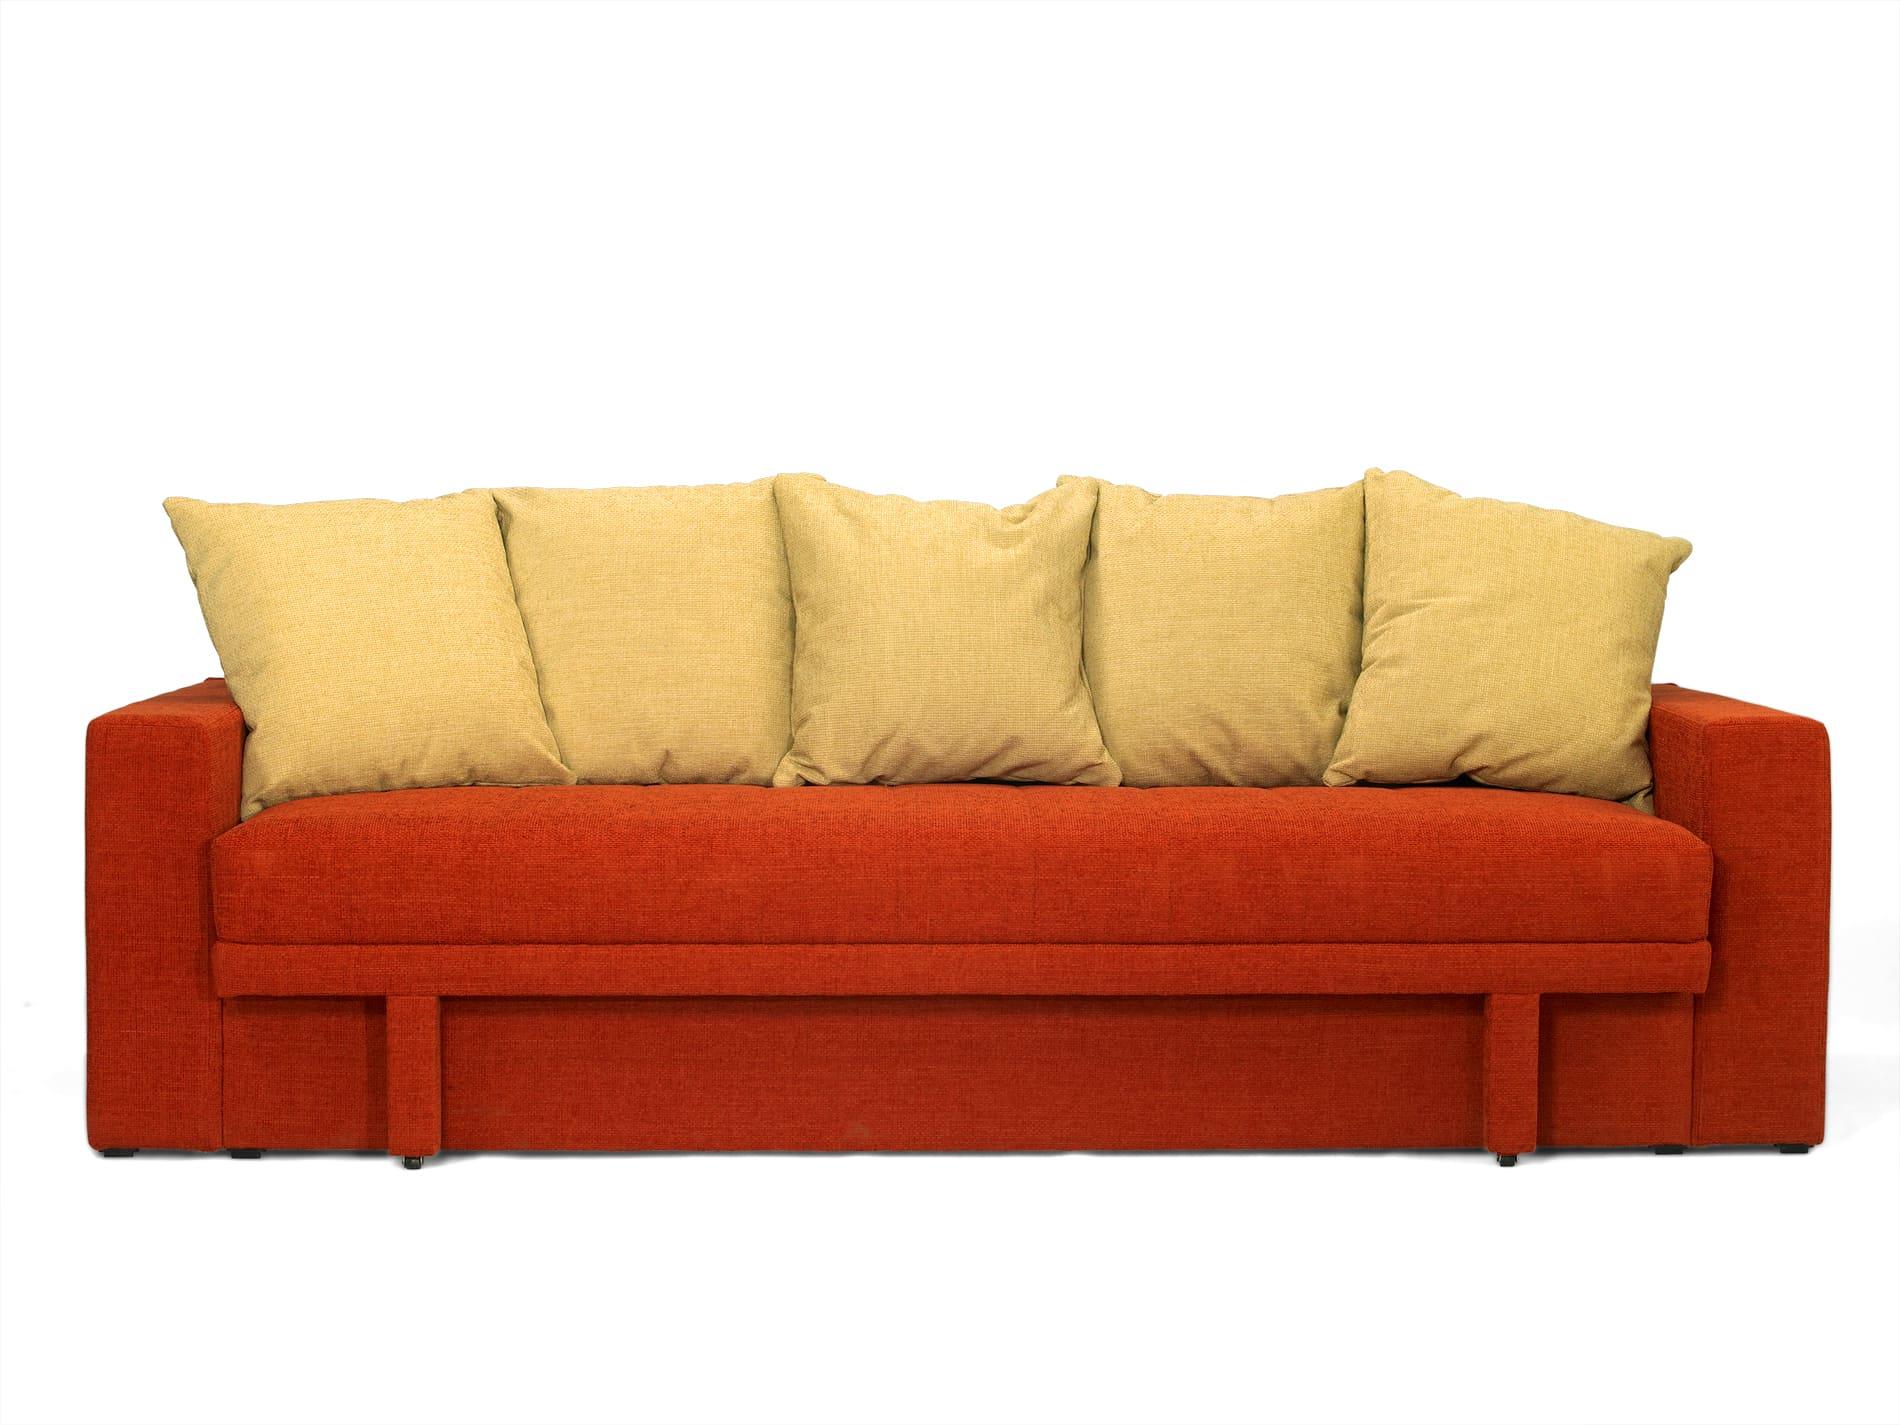 Canapea extensibila Ambra R de 3 locuri